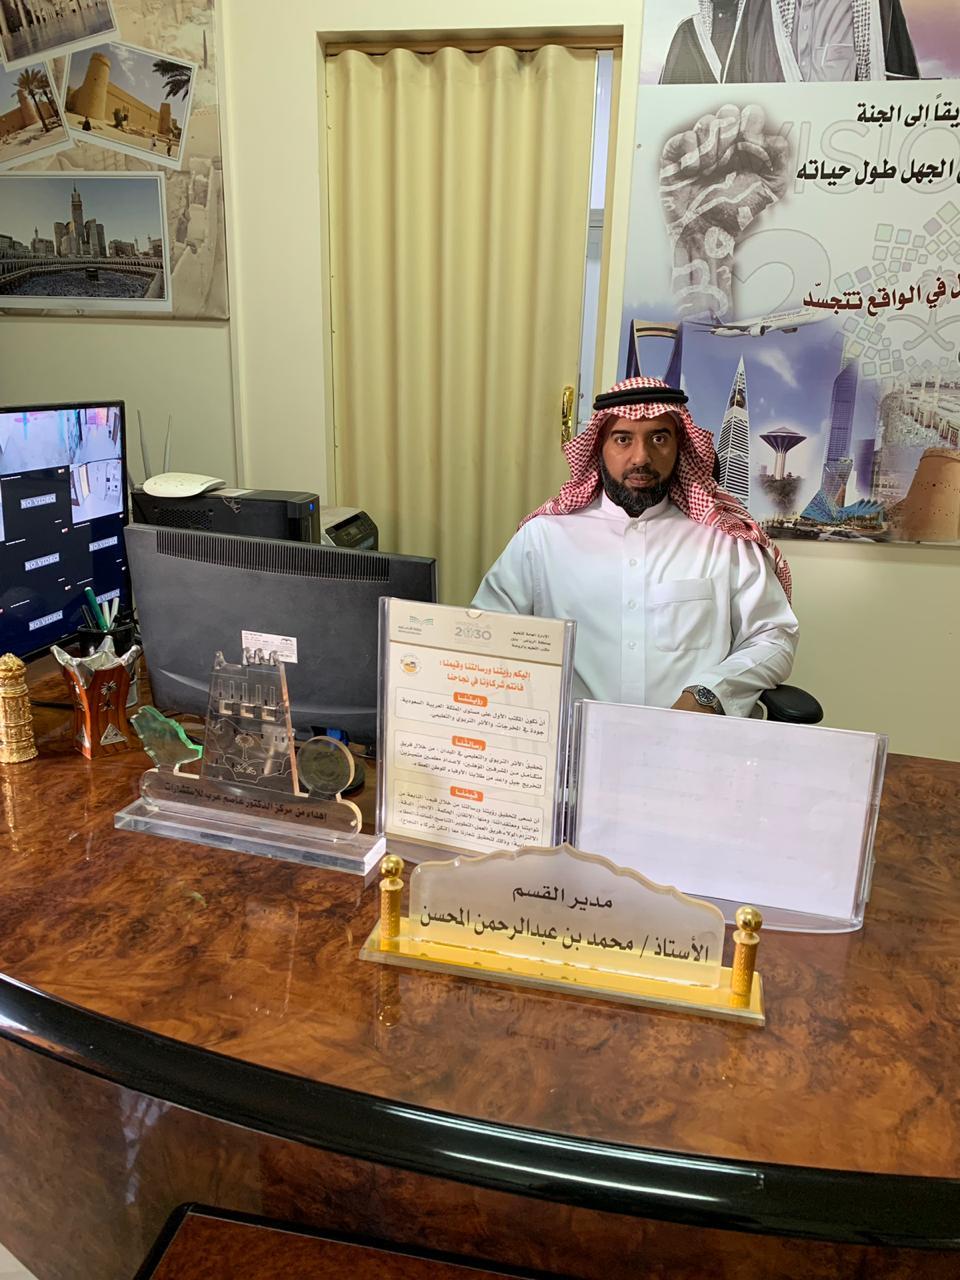 الاستاذ / محمد بن عبدالرحمن المحسن